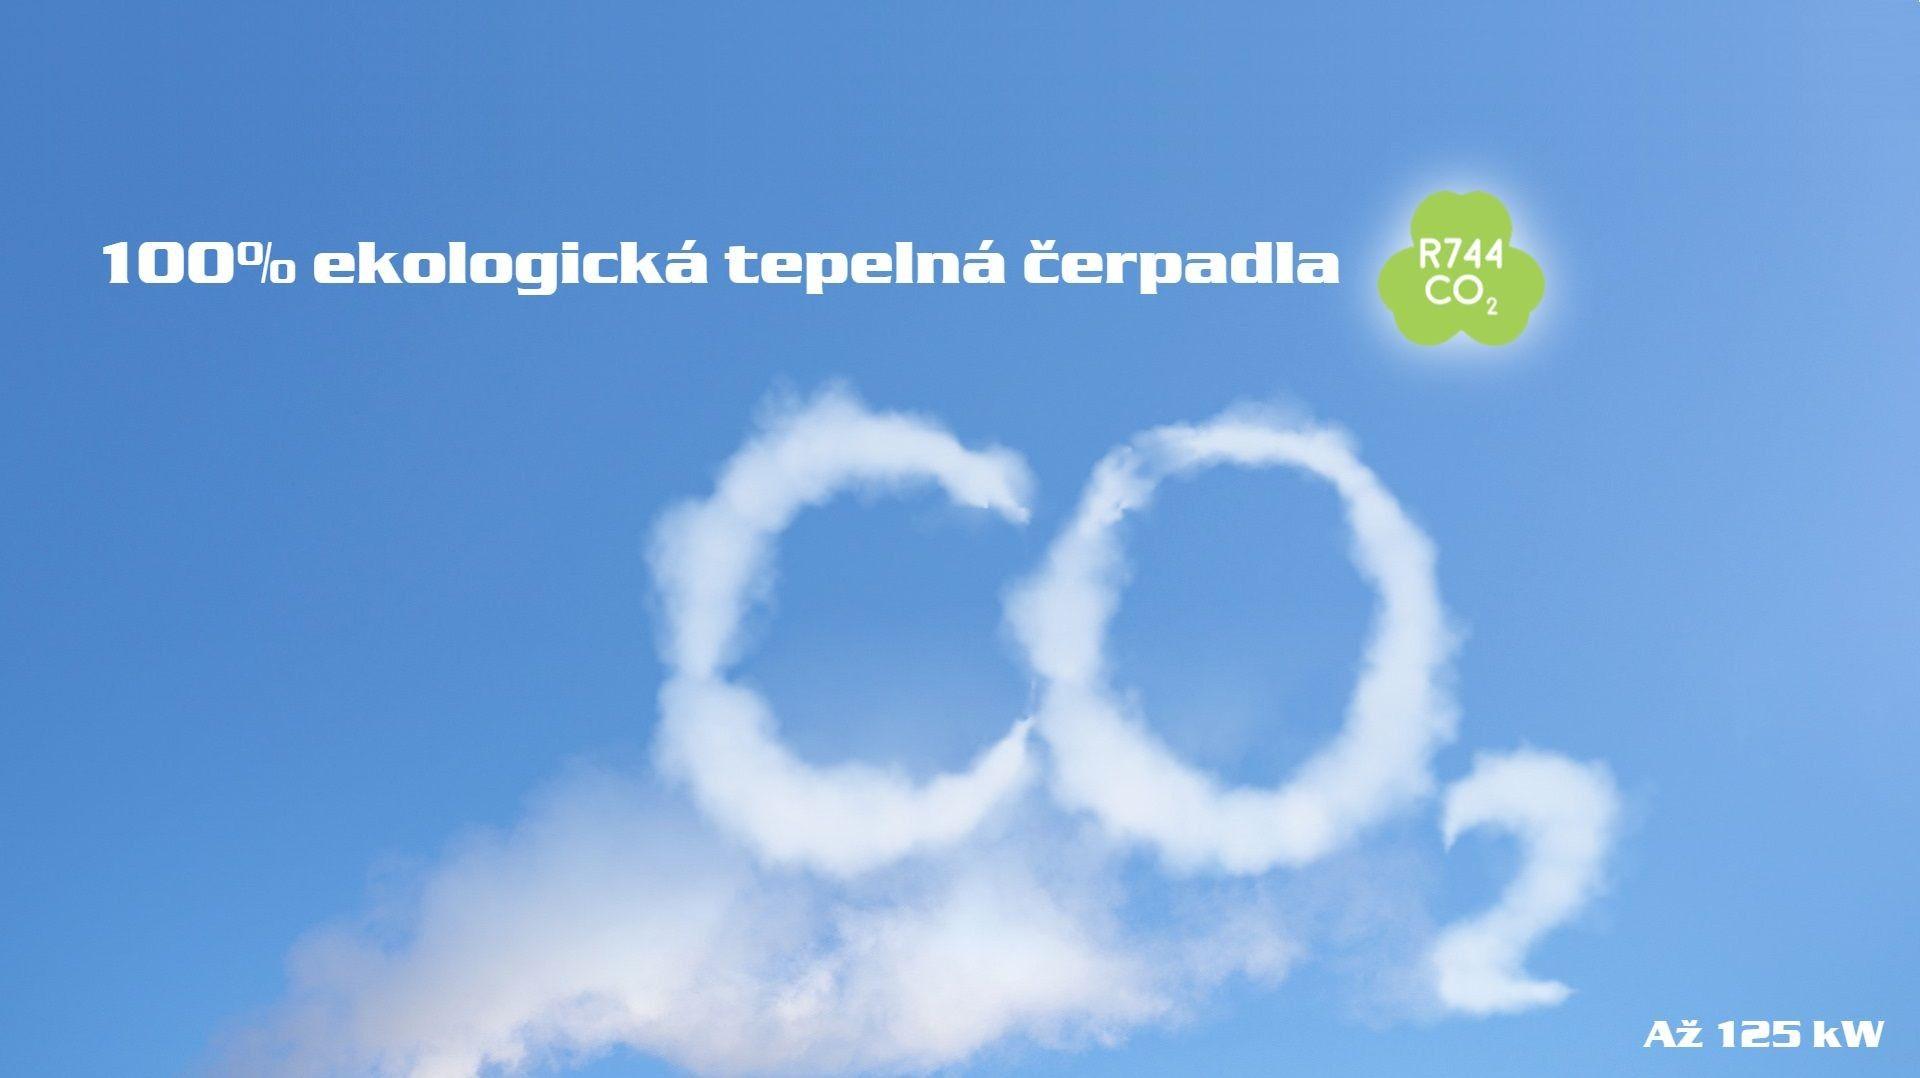 Tepelná čerpadla s CO2 kompresorem R744